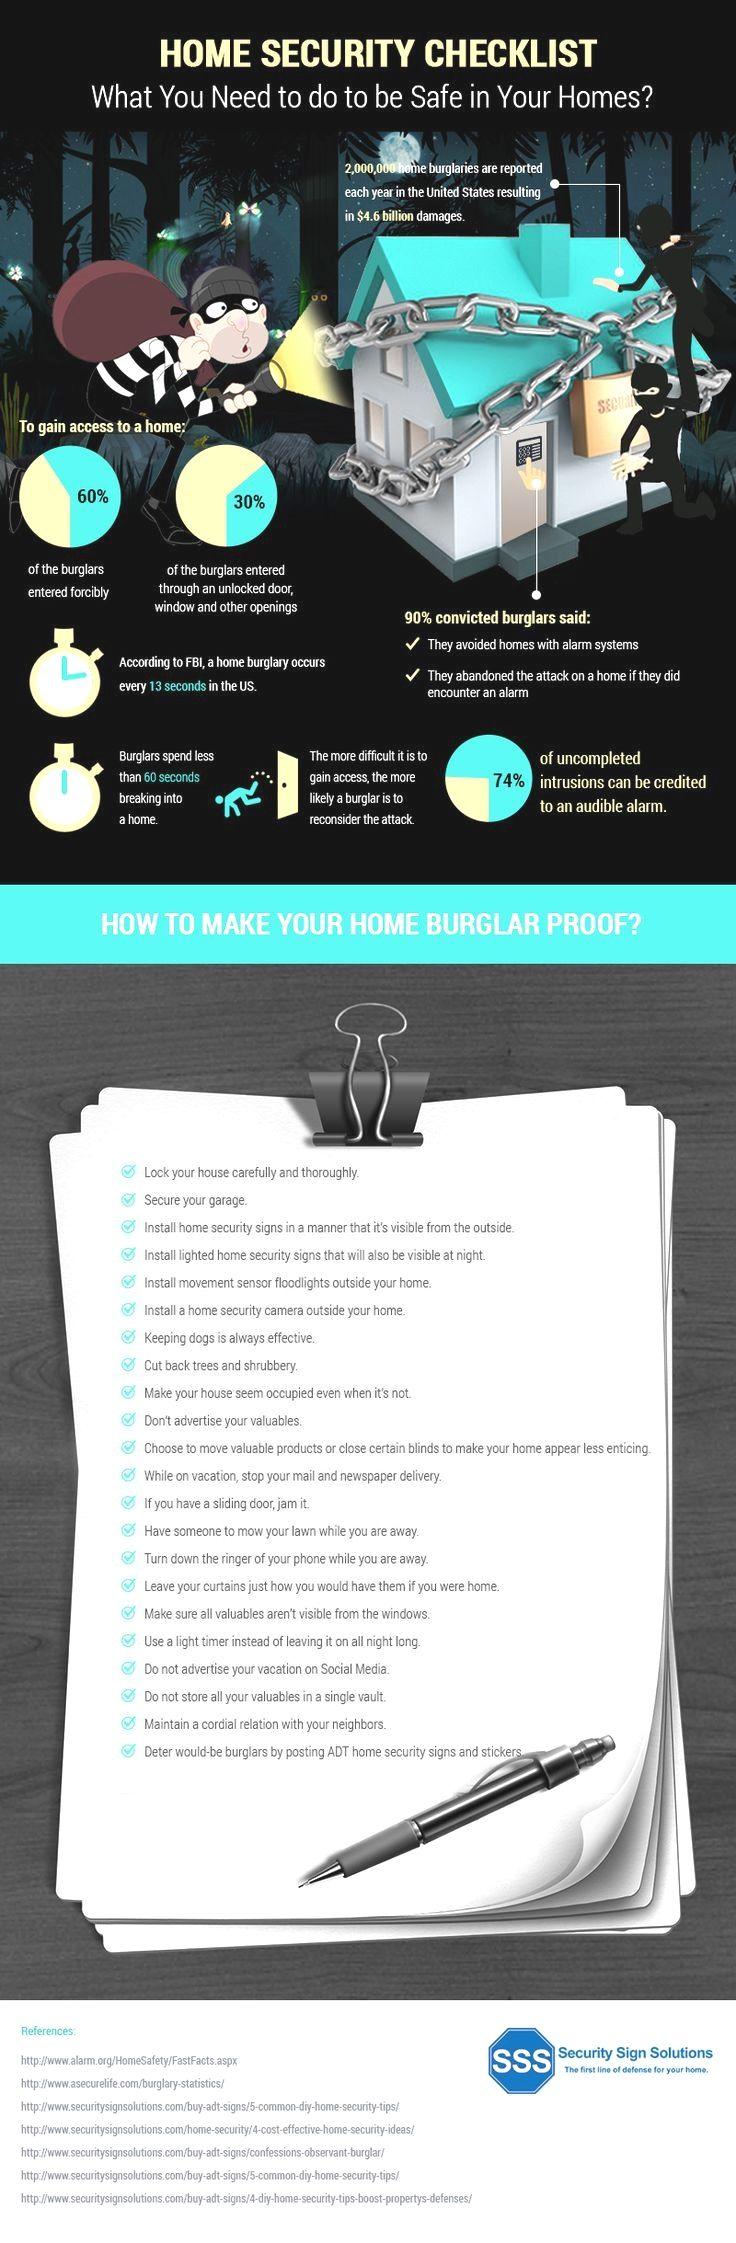 home safety evaluation checklist elderly in 2020 Diy